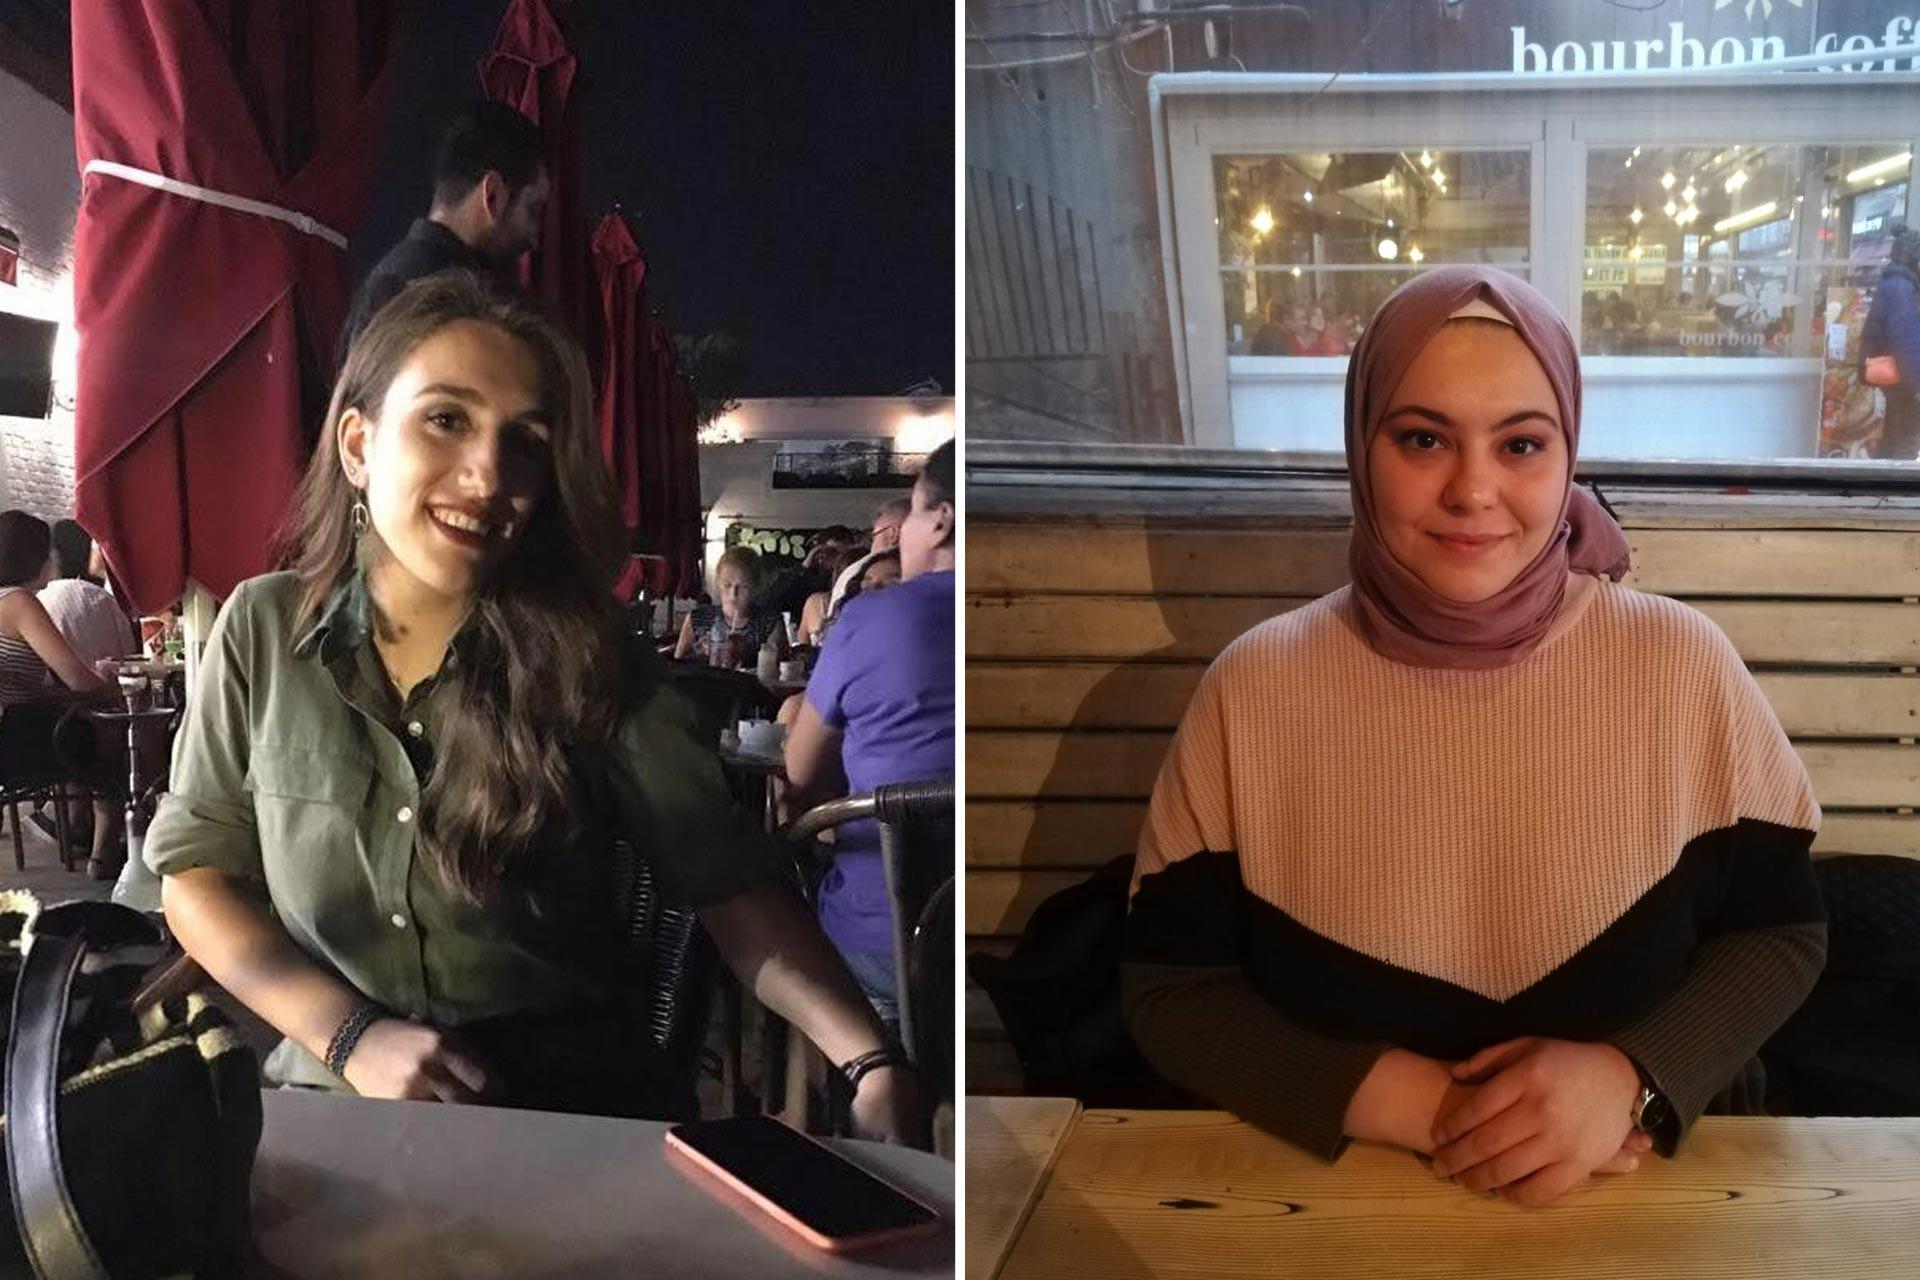 Hacettepe Üniversitesi Beytepe Kadın Yurtlarında kalan kadın öğrencilerden Nur Ertürk ve Büşra Kırmızı